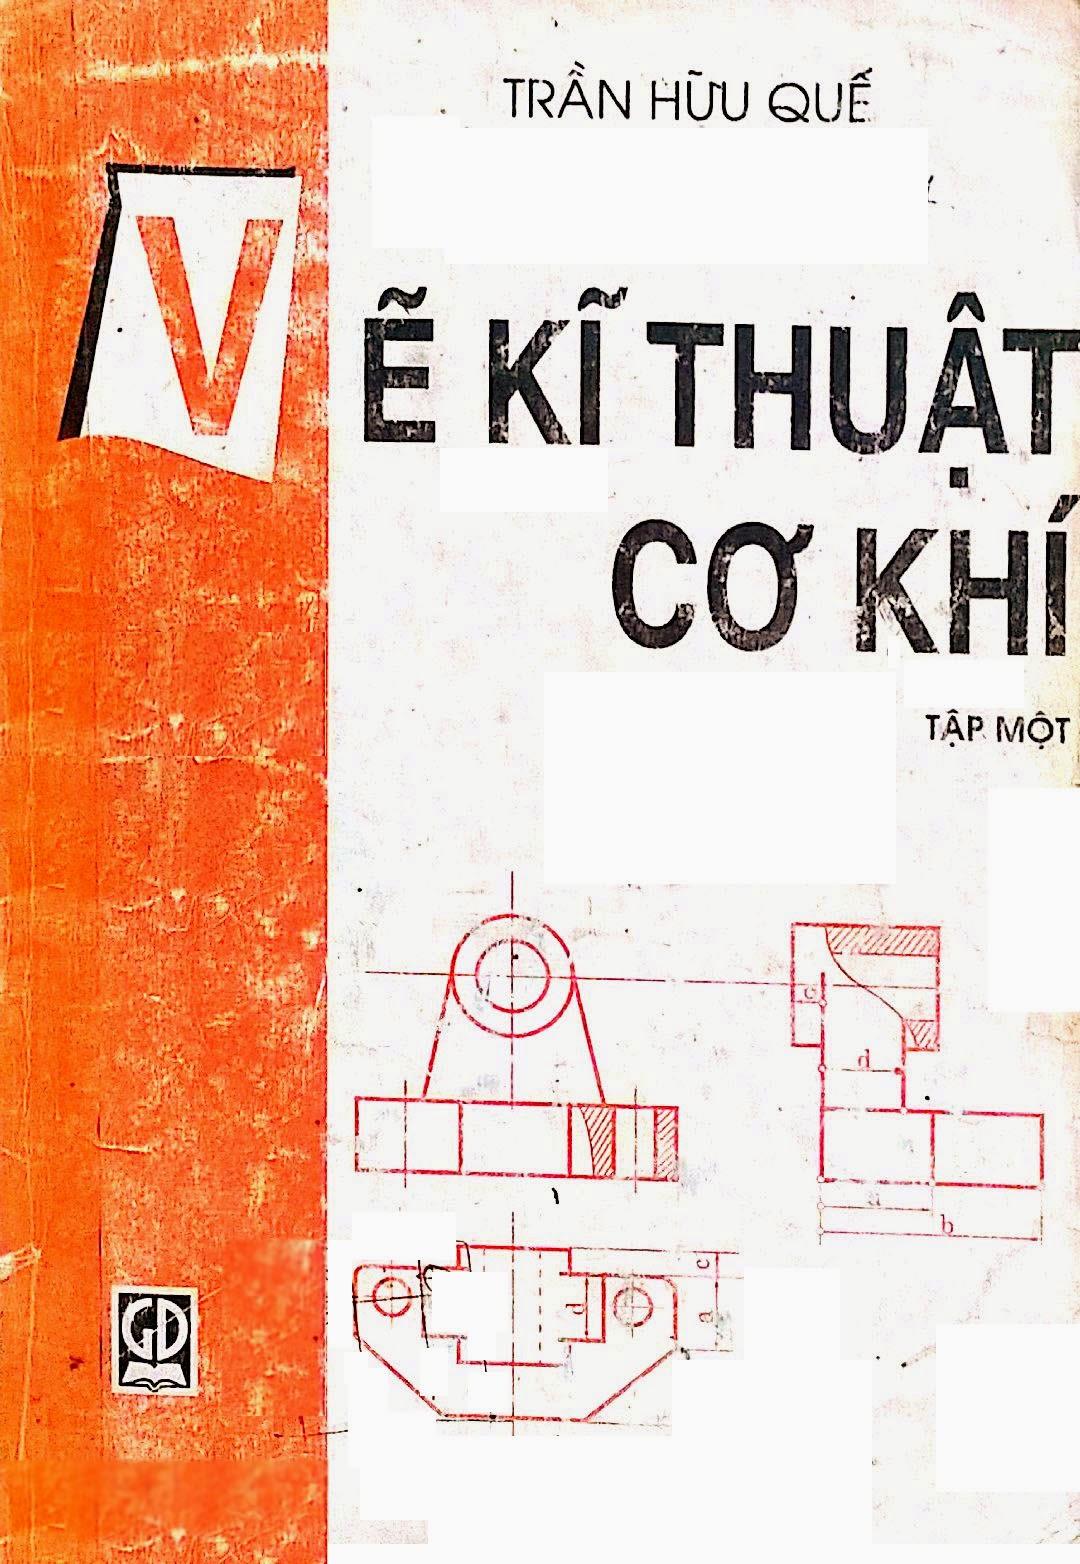 vẽ kỹ thuật cơ khí tập 1, vẽ kỹ thuật cơ khí, ve ky thuat co khi, sách kỹ thuật, thư viện sách GMEK, thư viện sách, GMEK, sách cơ khí